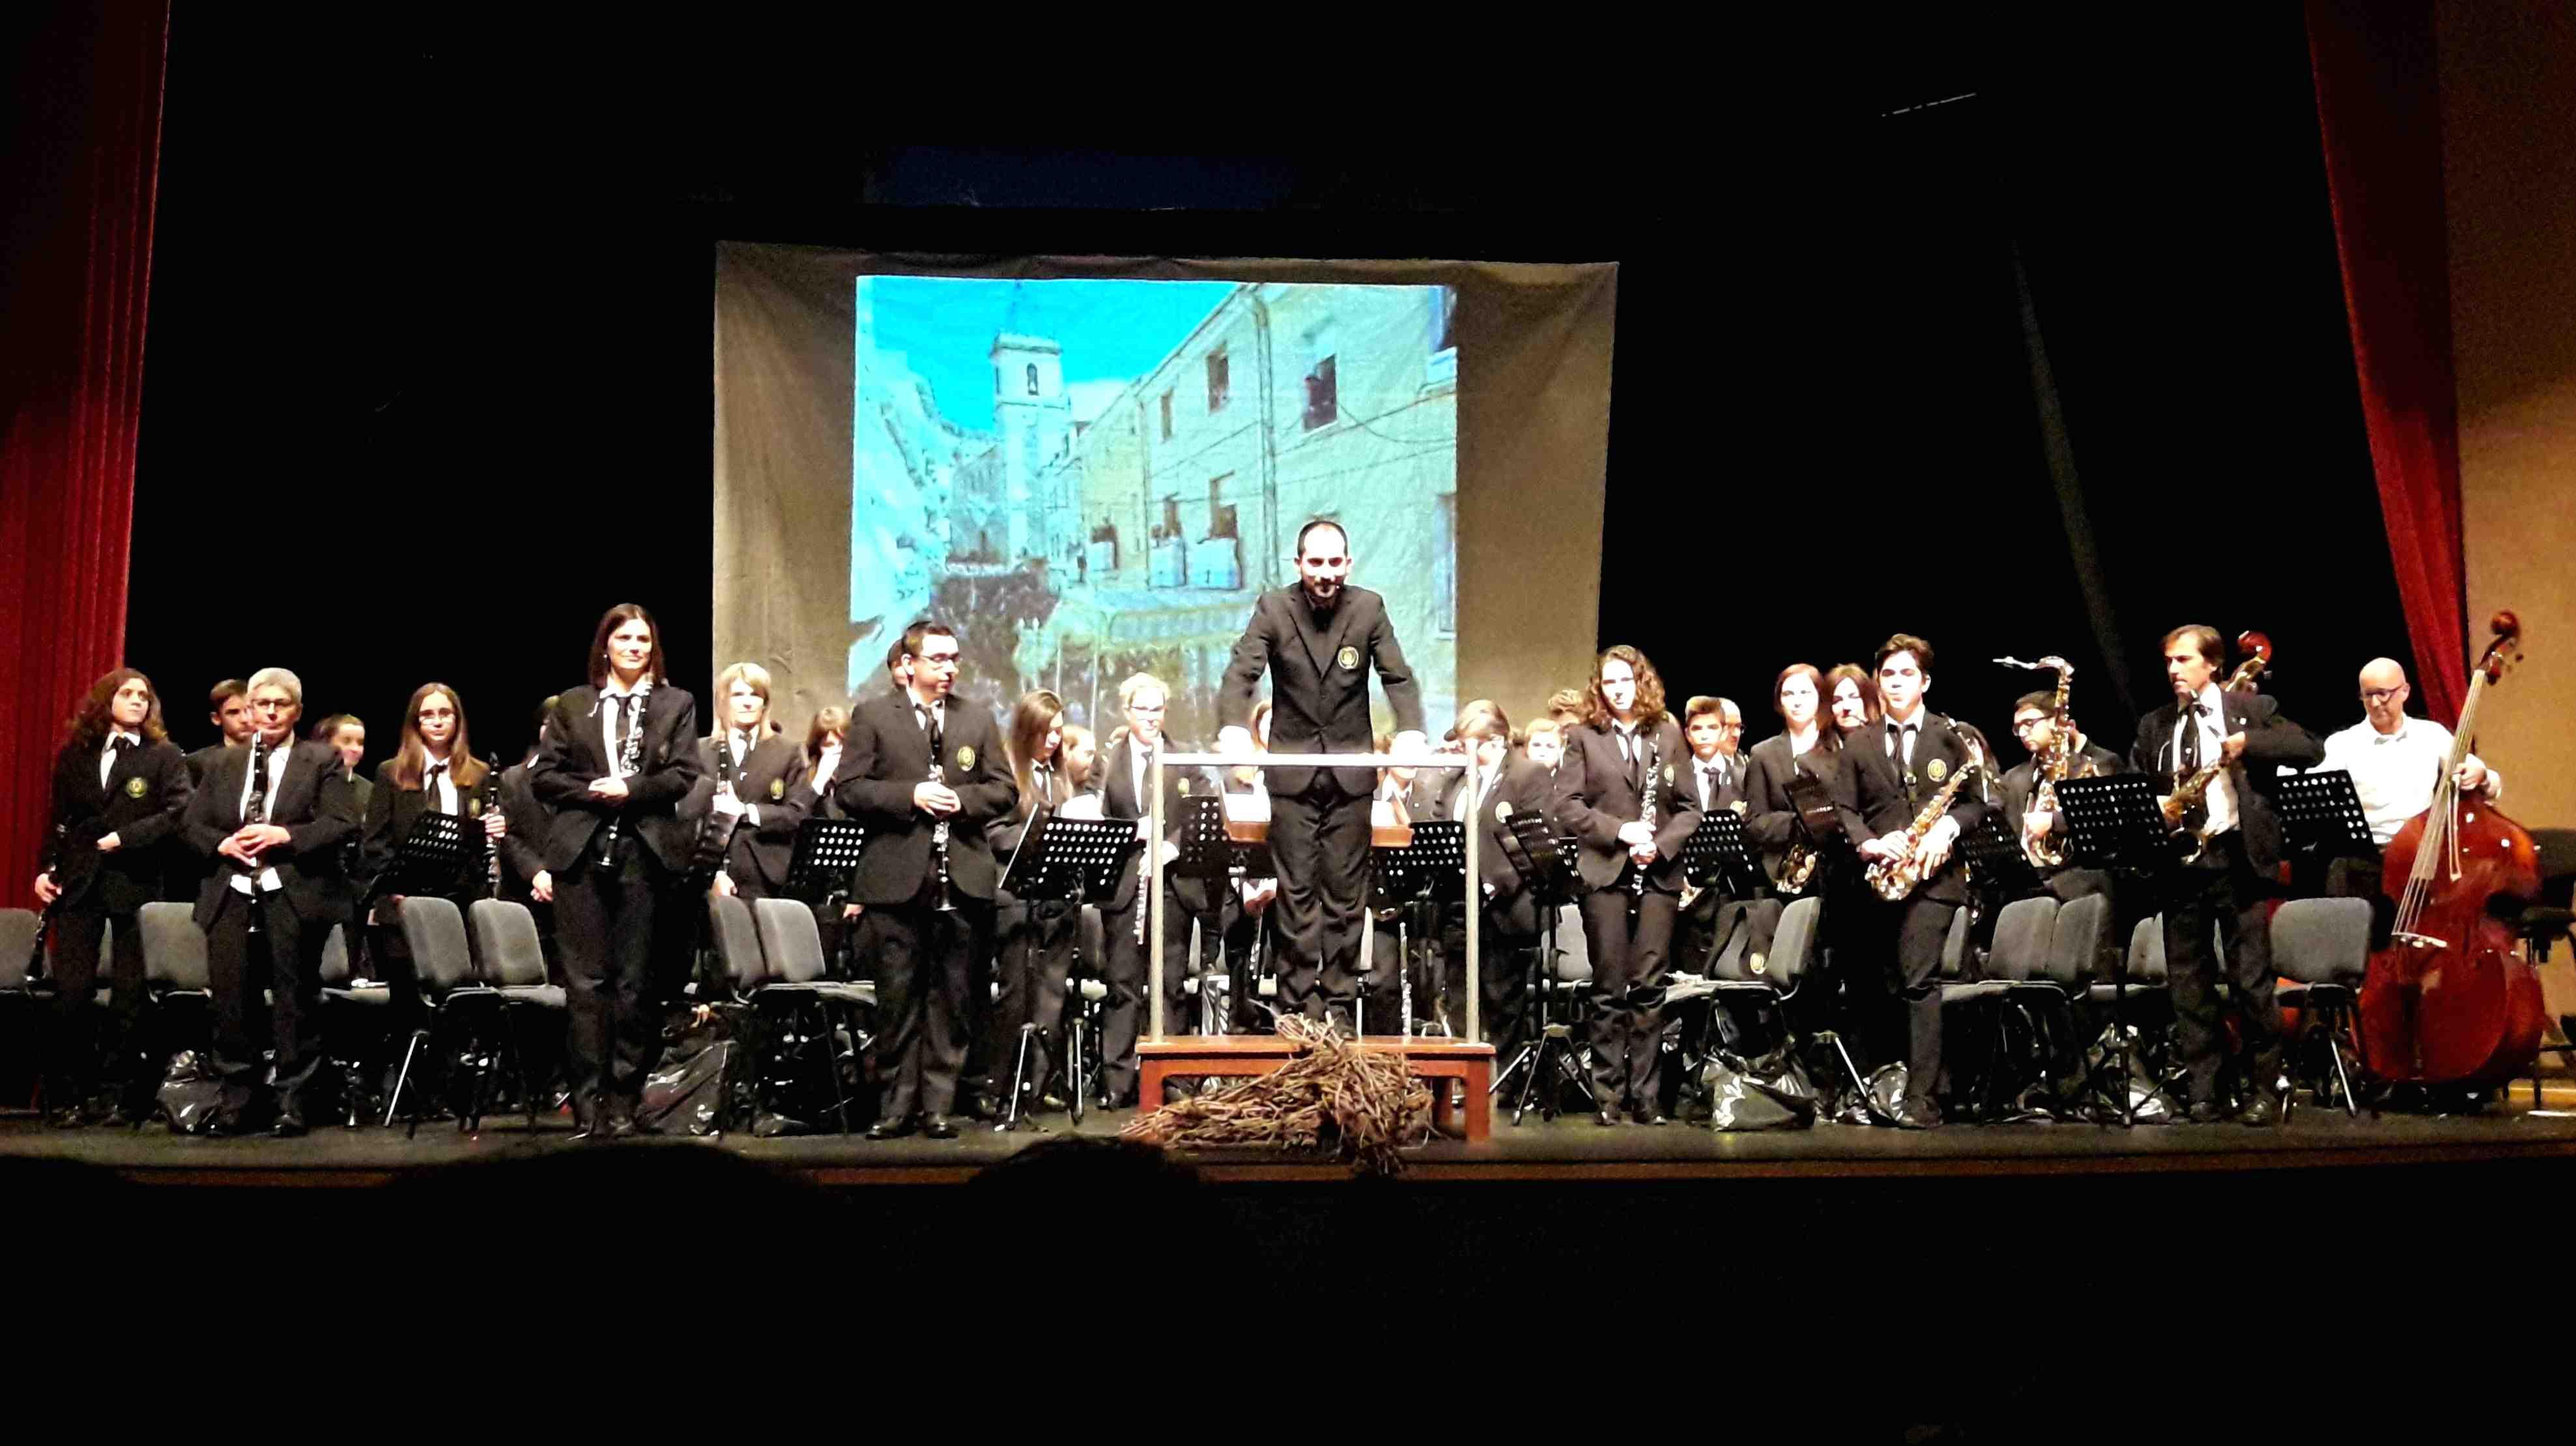 La Diputación de Alicante convoca la XXIII Campanya de Música als Pobles con 300.000 euros de inversión